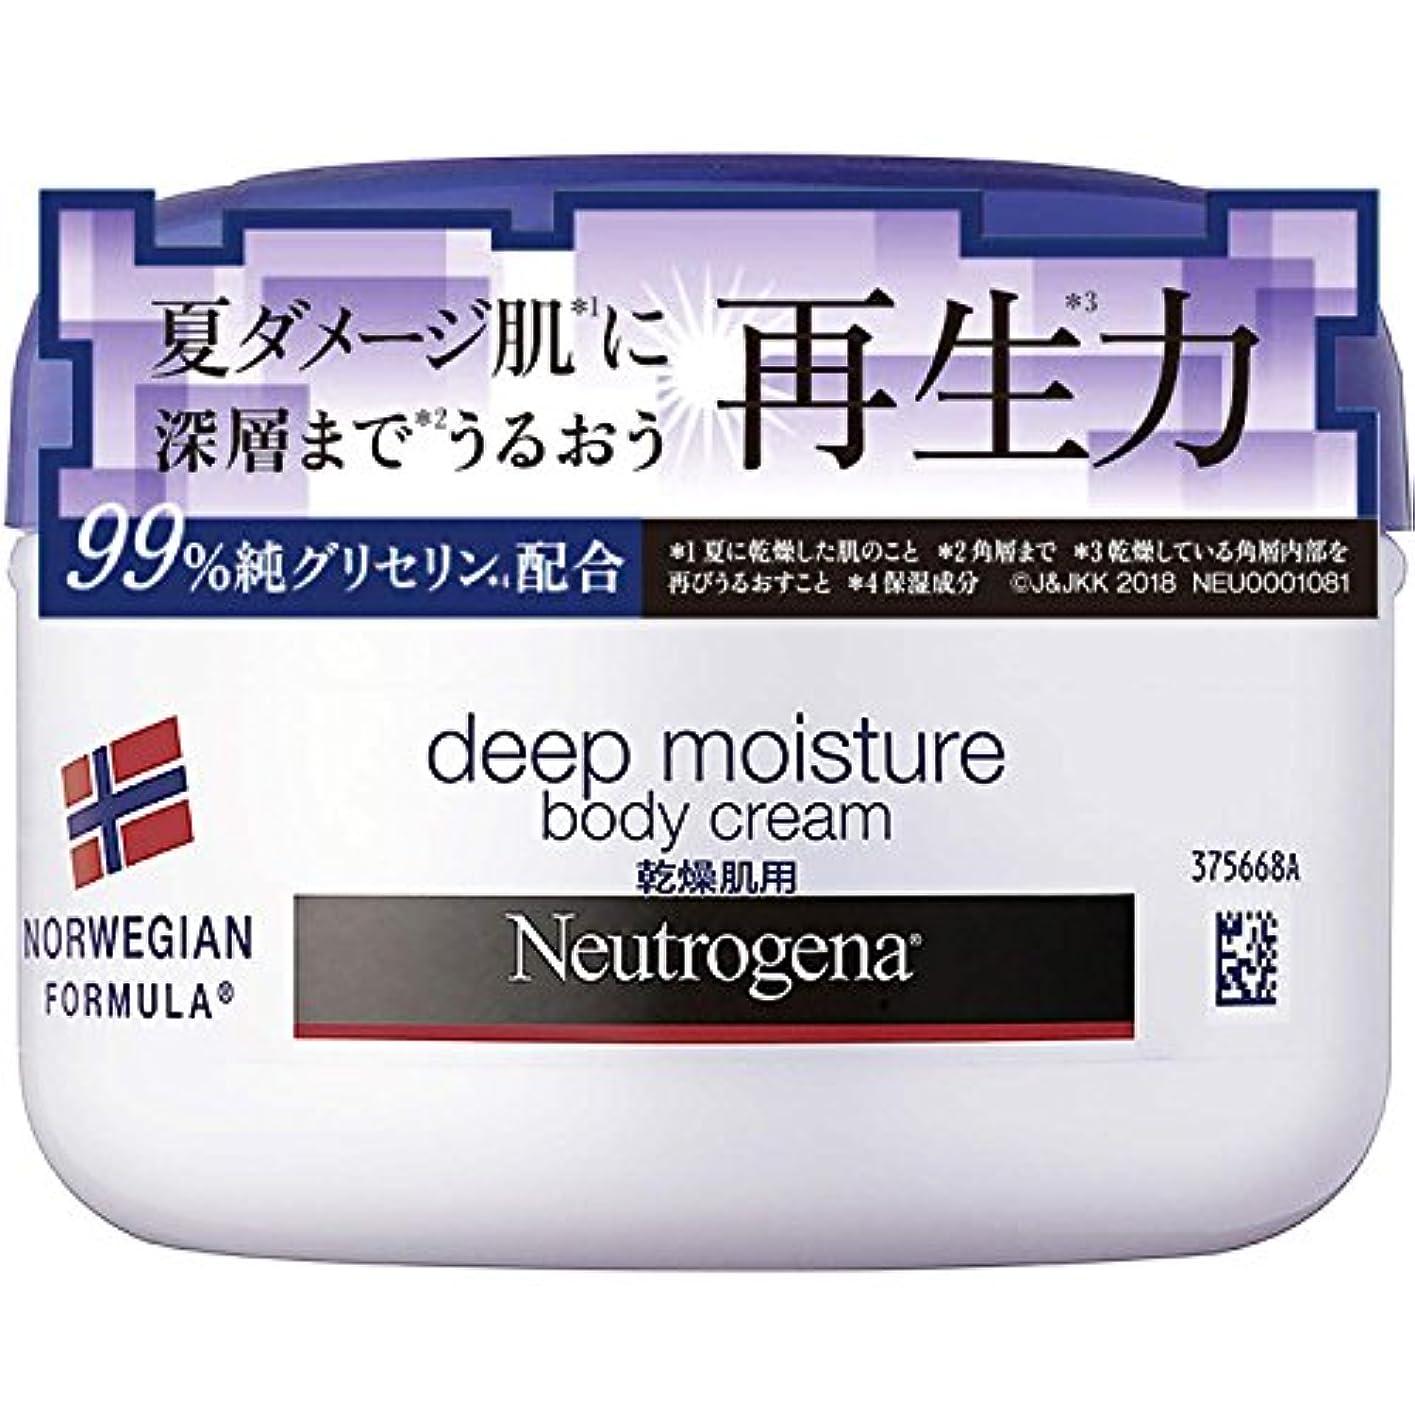 私たち努力バッフルNeutrogena(ニュートロジーナ) ノルウェーフォーミュラ ディープモイスチャー ボディクリーム 乾燥肌用 微香性 200ml